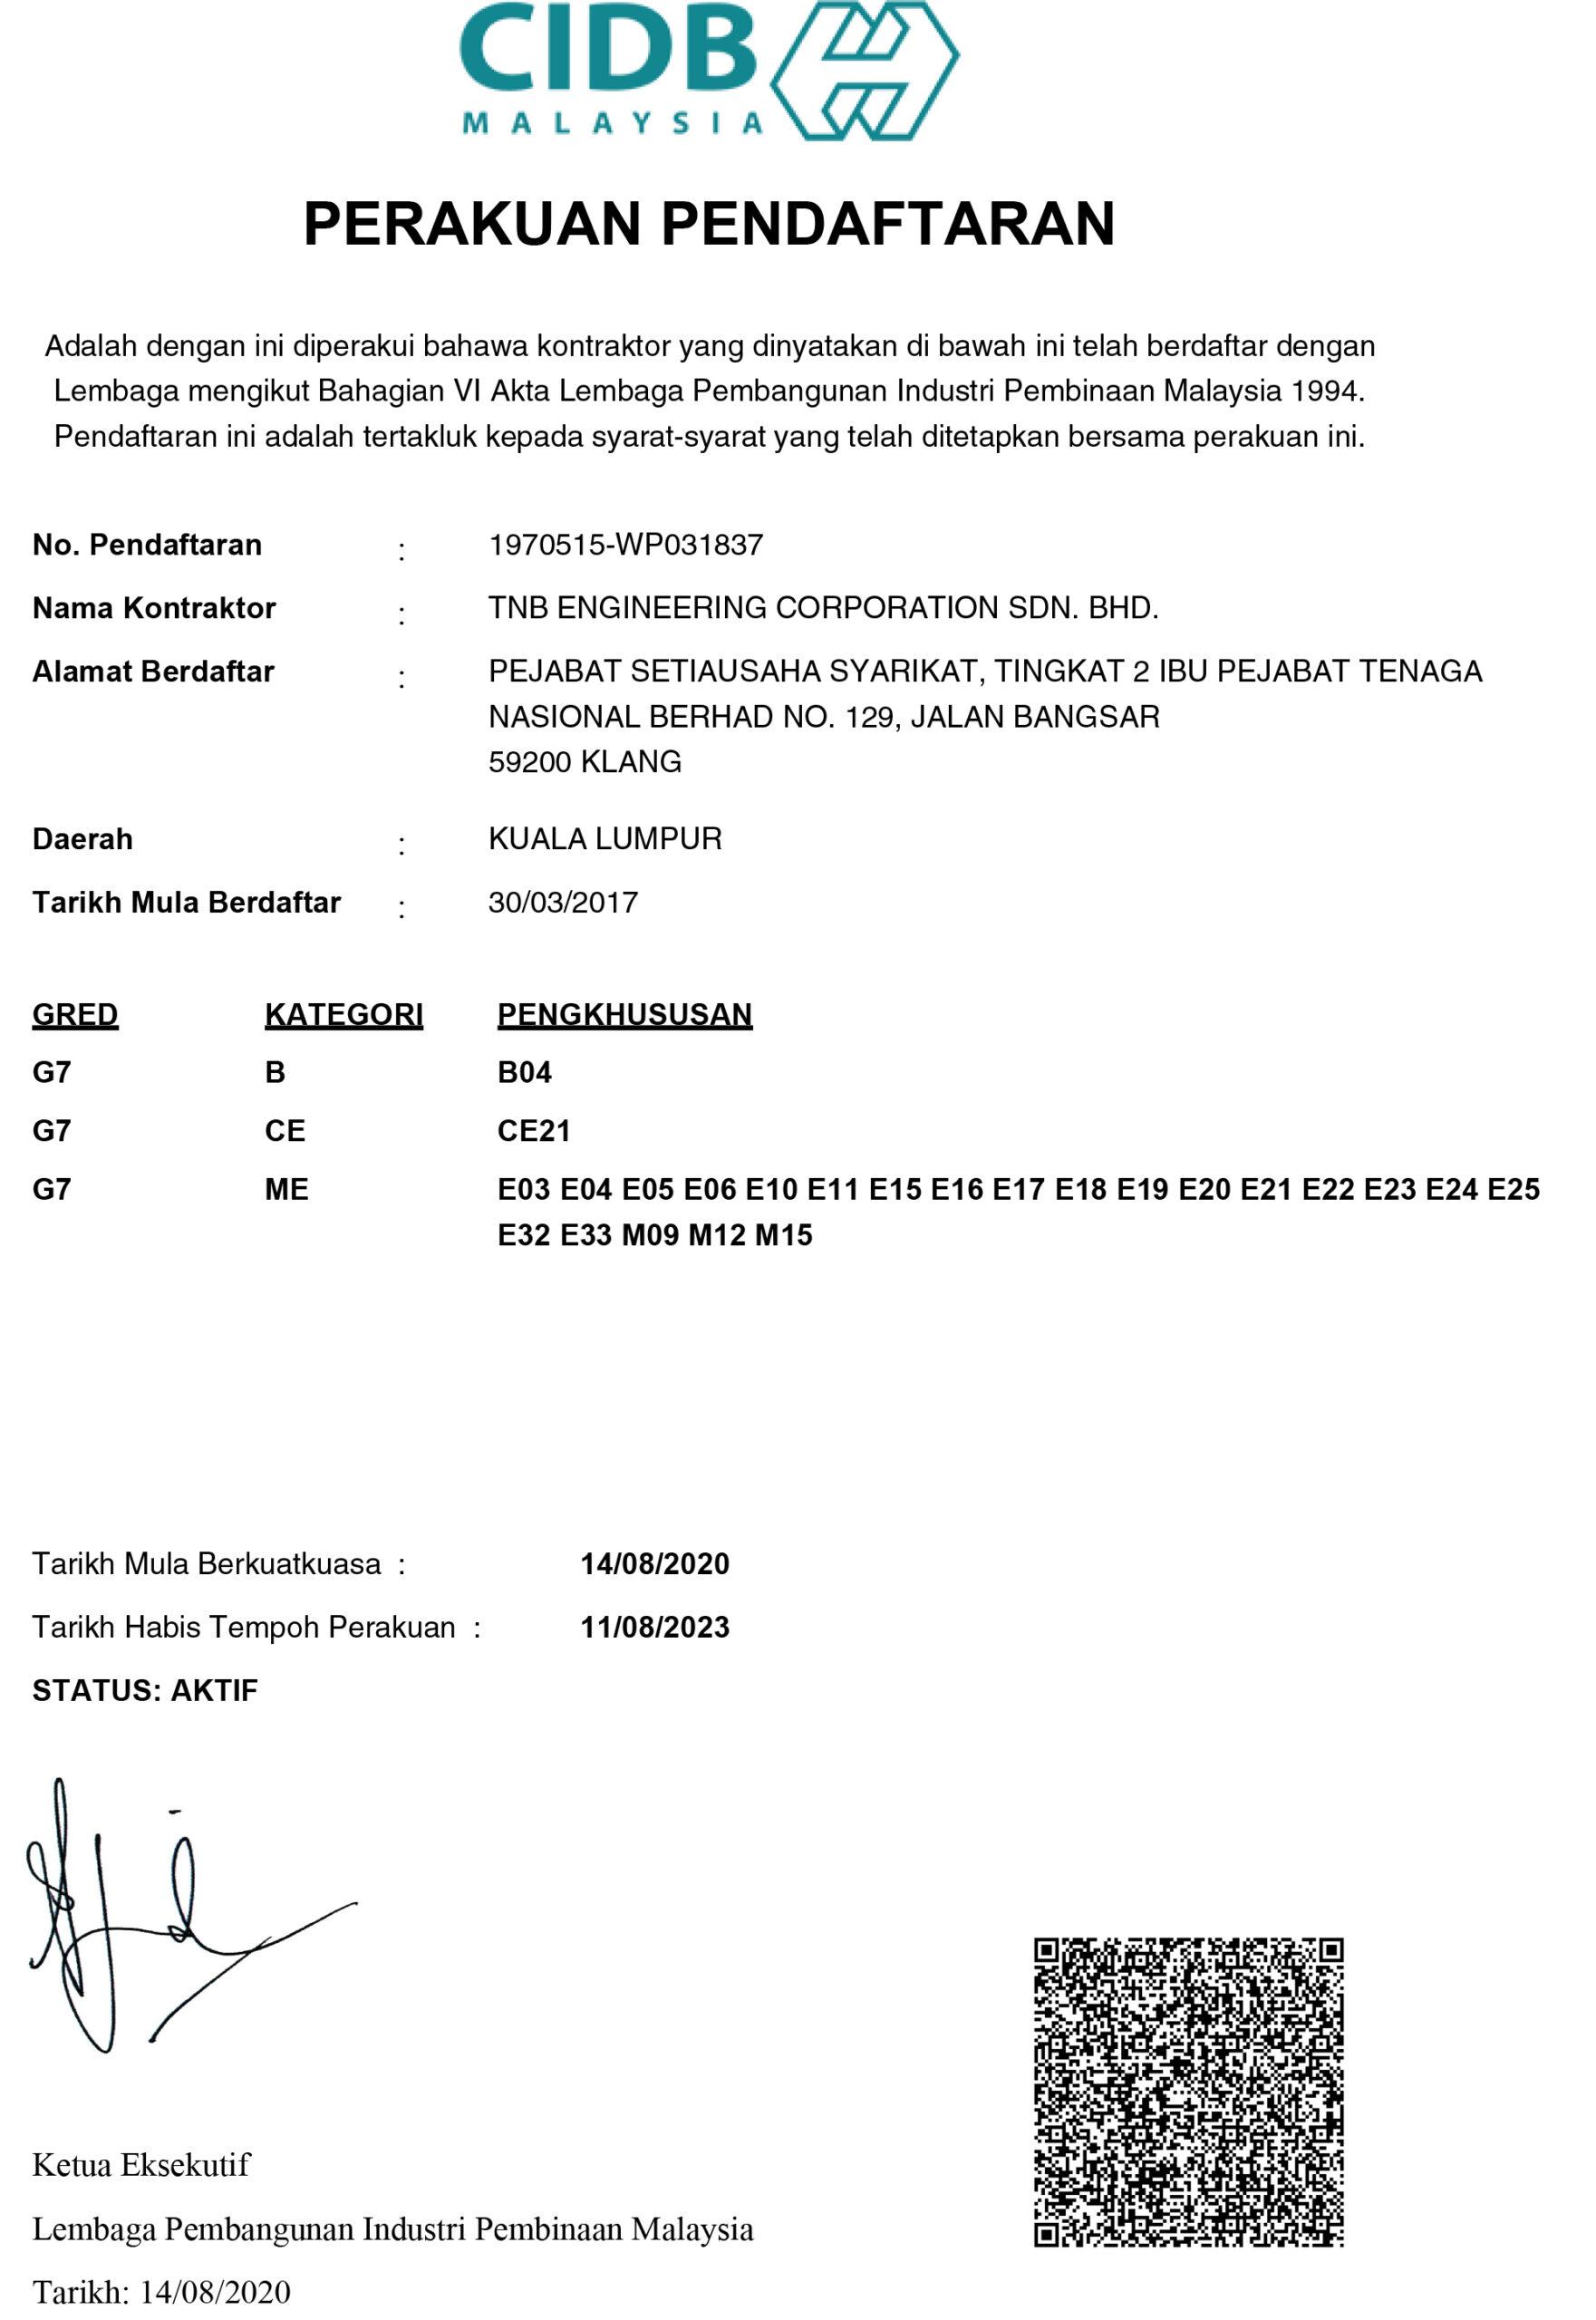 Perakuan Pendaftaran CIDB 2020_2023